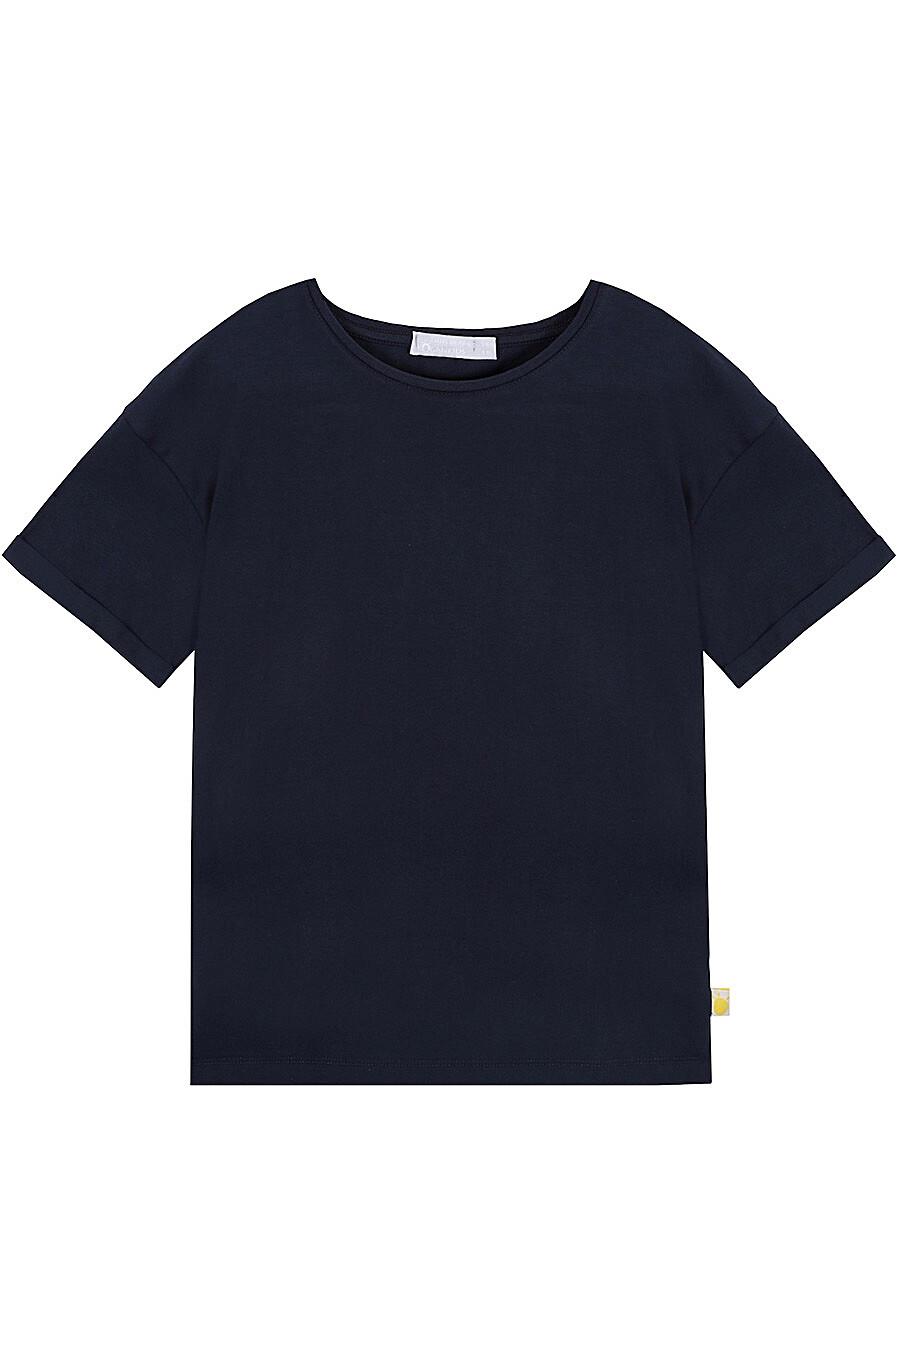 Футболка для мальчиков KOGANKIDS 682764 купить оптом от производителя. Совместная покупка детской одежды в OptMoyo